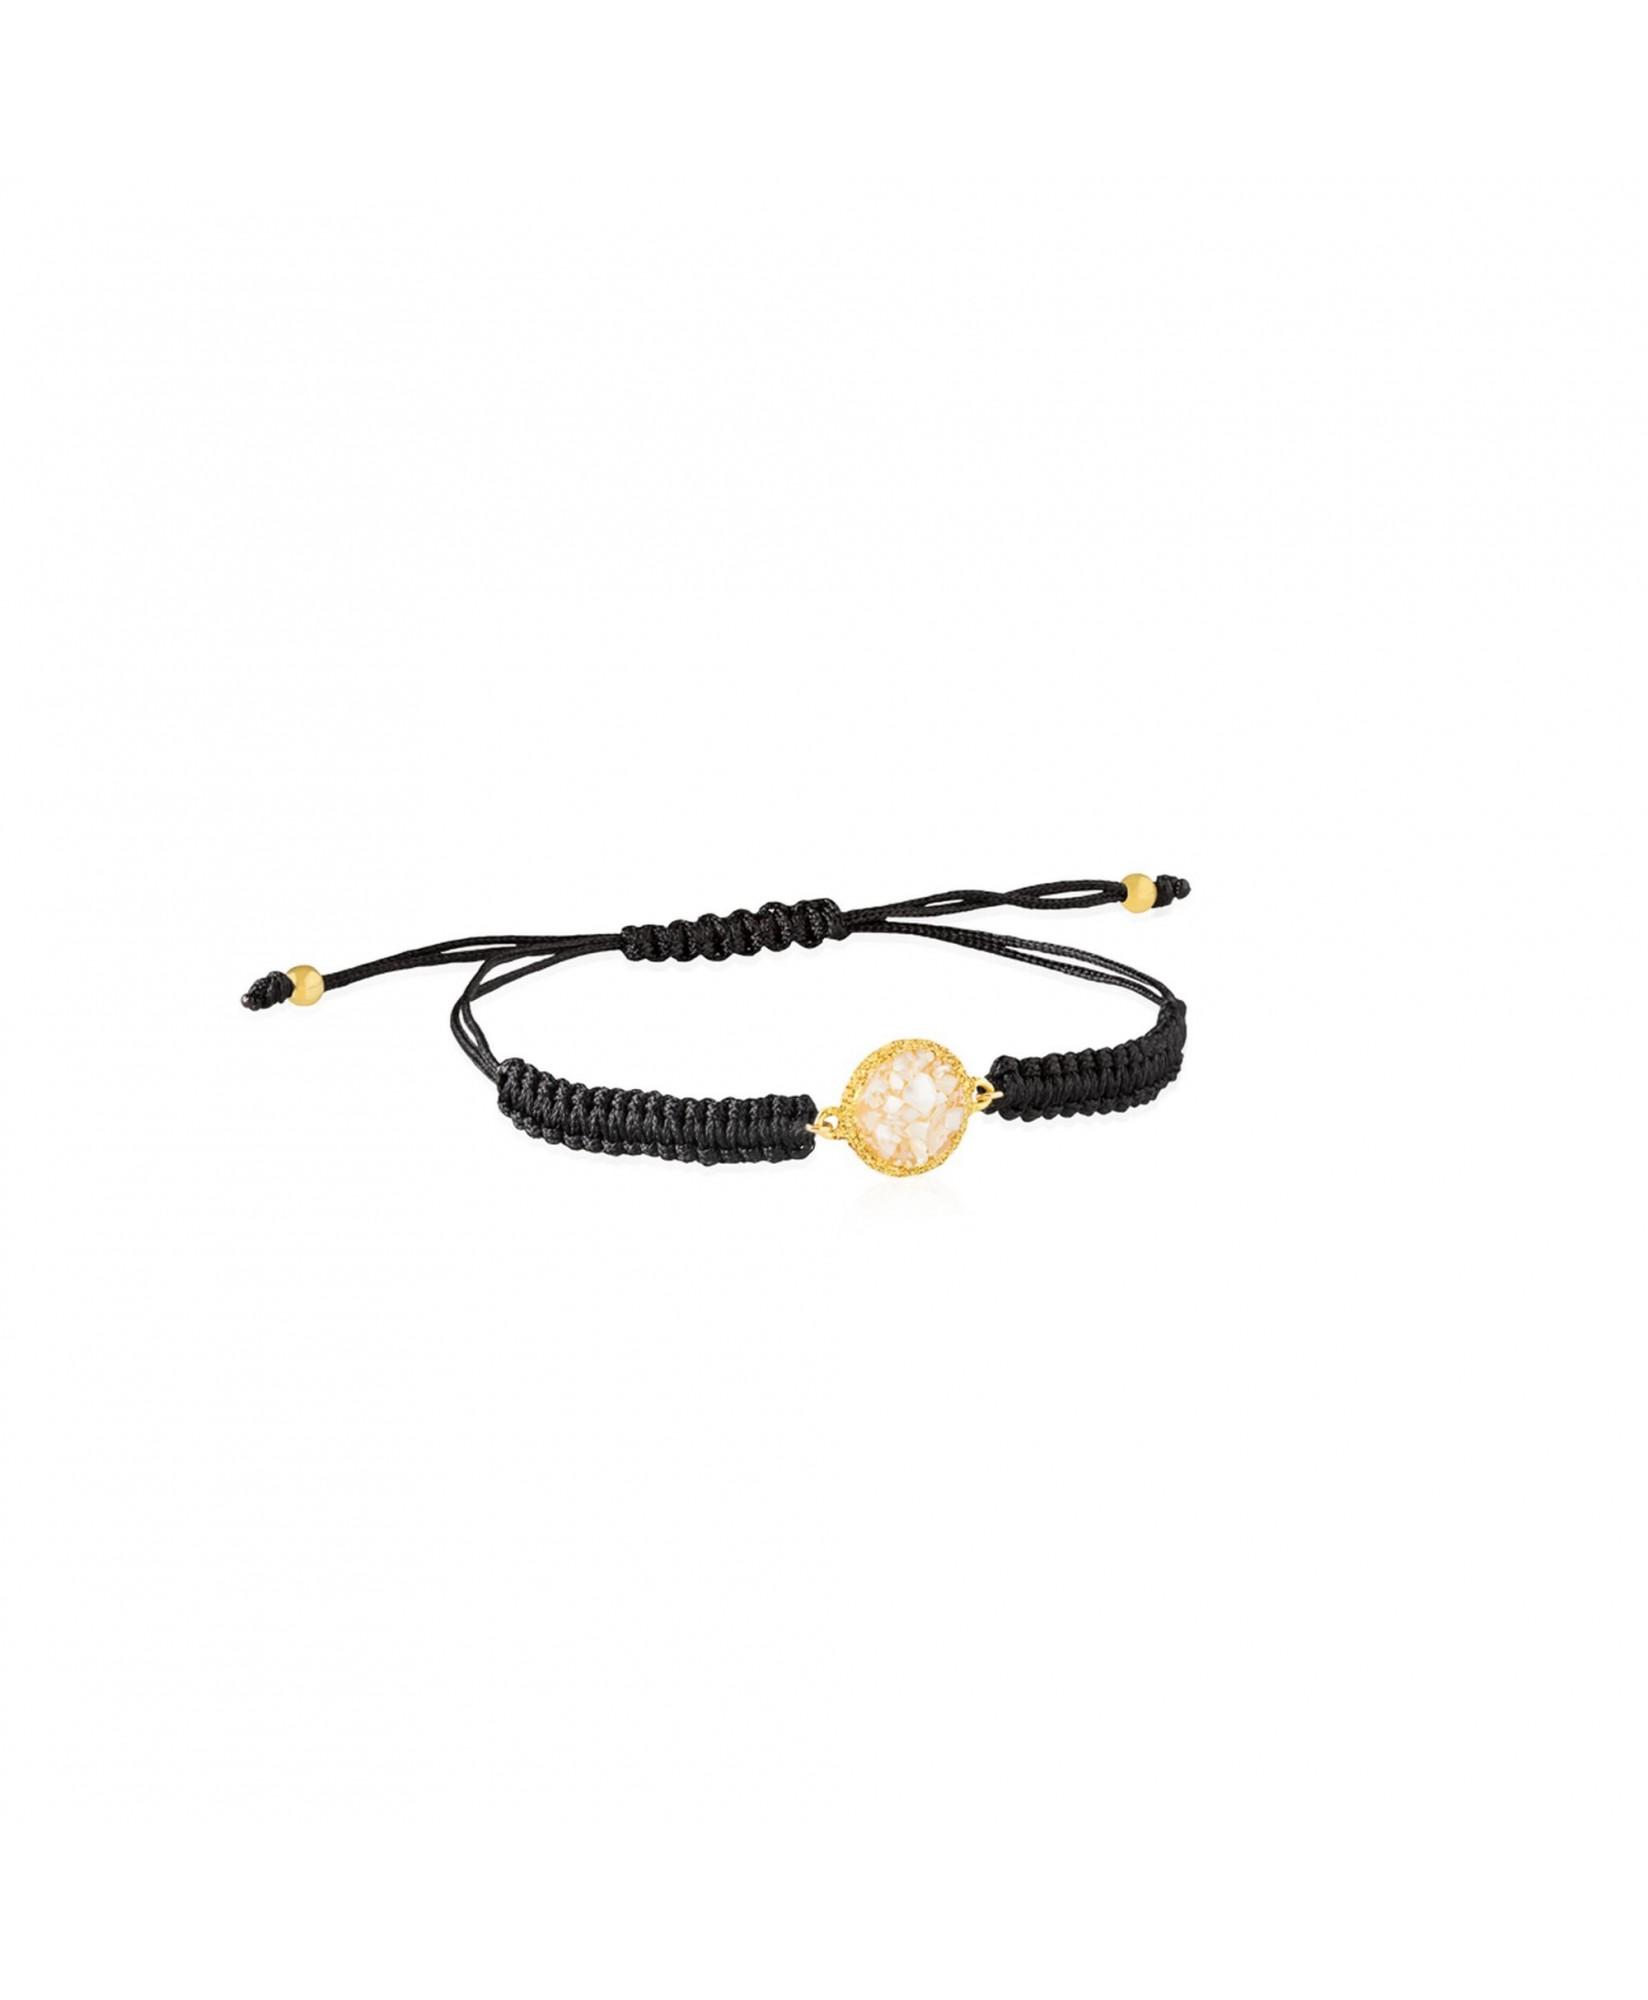 Pulsera oro y cordón Pearl con nácar blanco Pulsera oro y cordón Pearl con nácar blanco